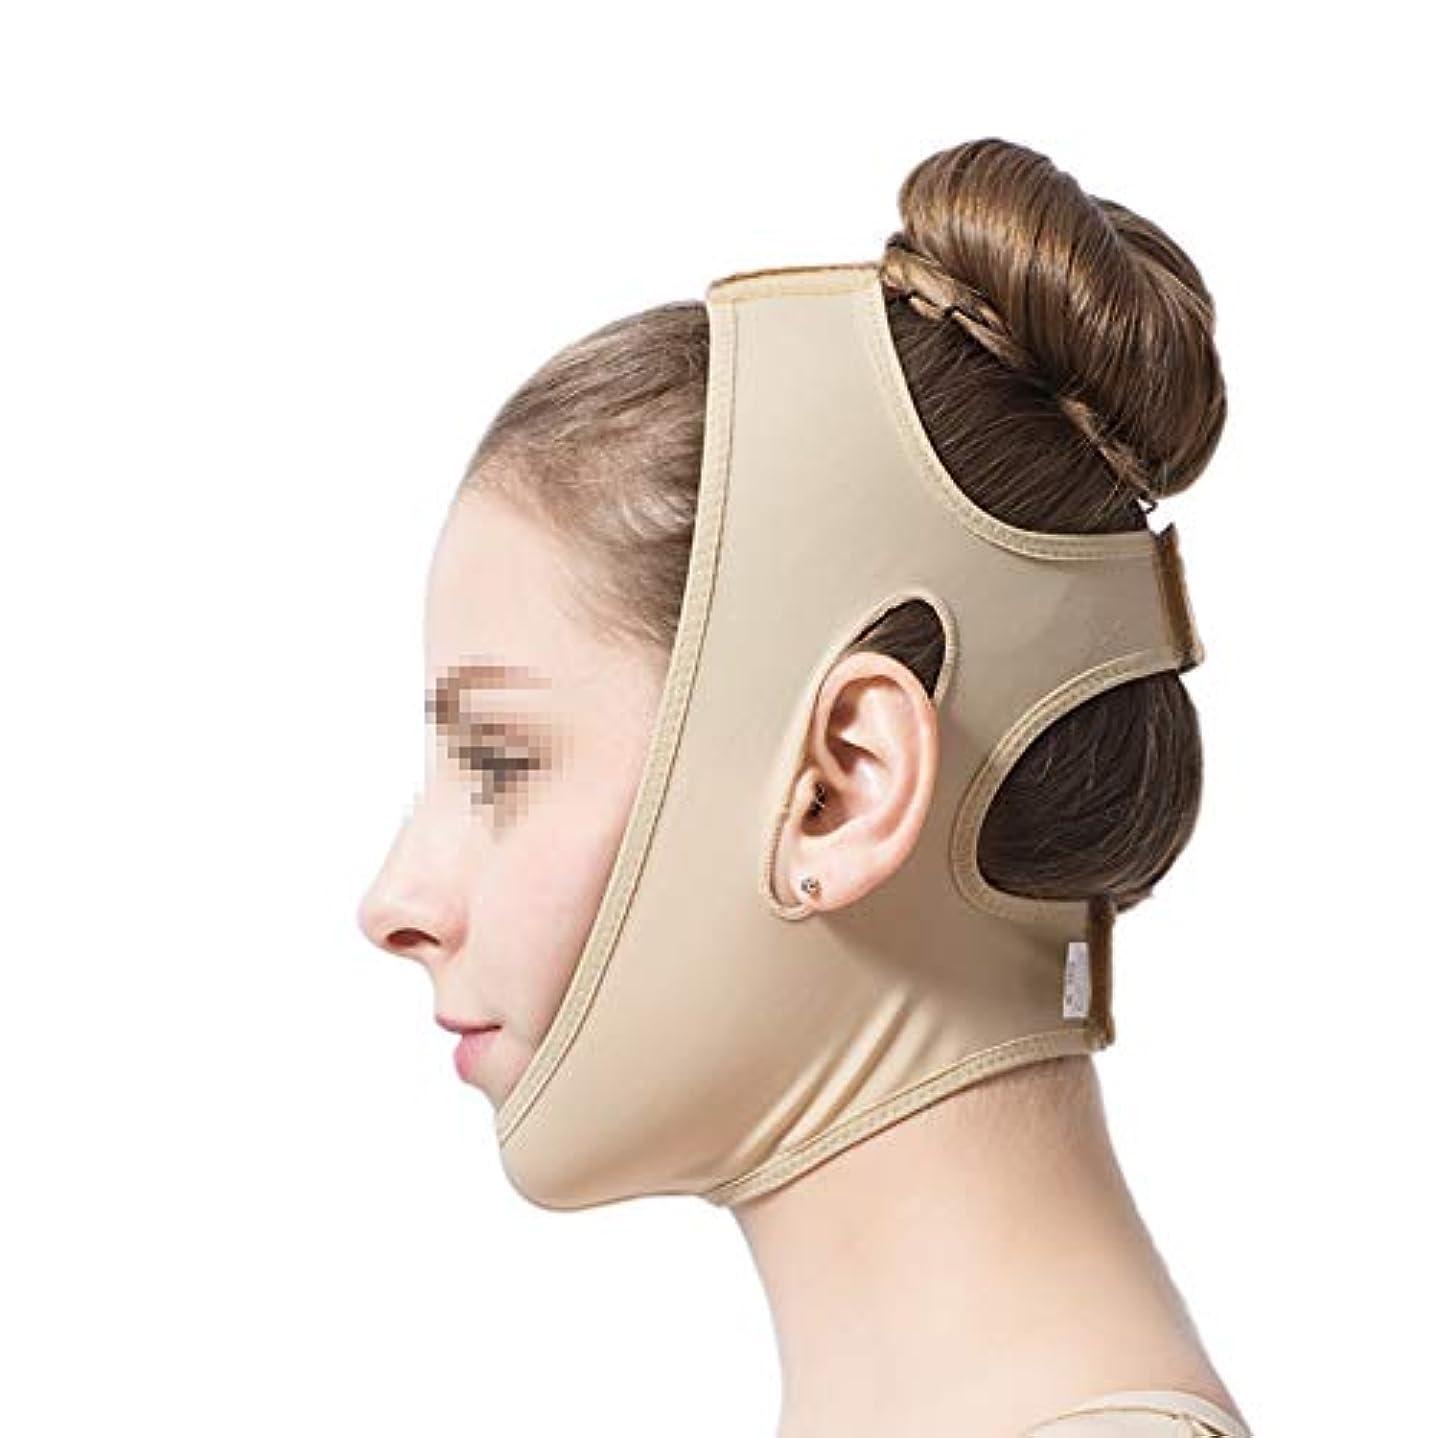 大宇宙中傷めんどりXHLMRMJ フェイスリフトマスク、下顎袖医療グレード脂肪吸引術整形弾性ヘッドギアダブルあご顔ライン彫刻圧力包帯 (Size : XL)